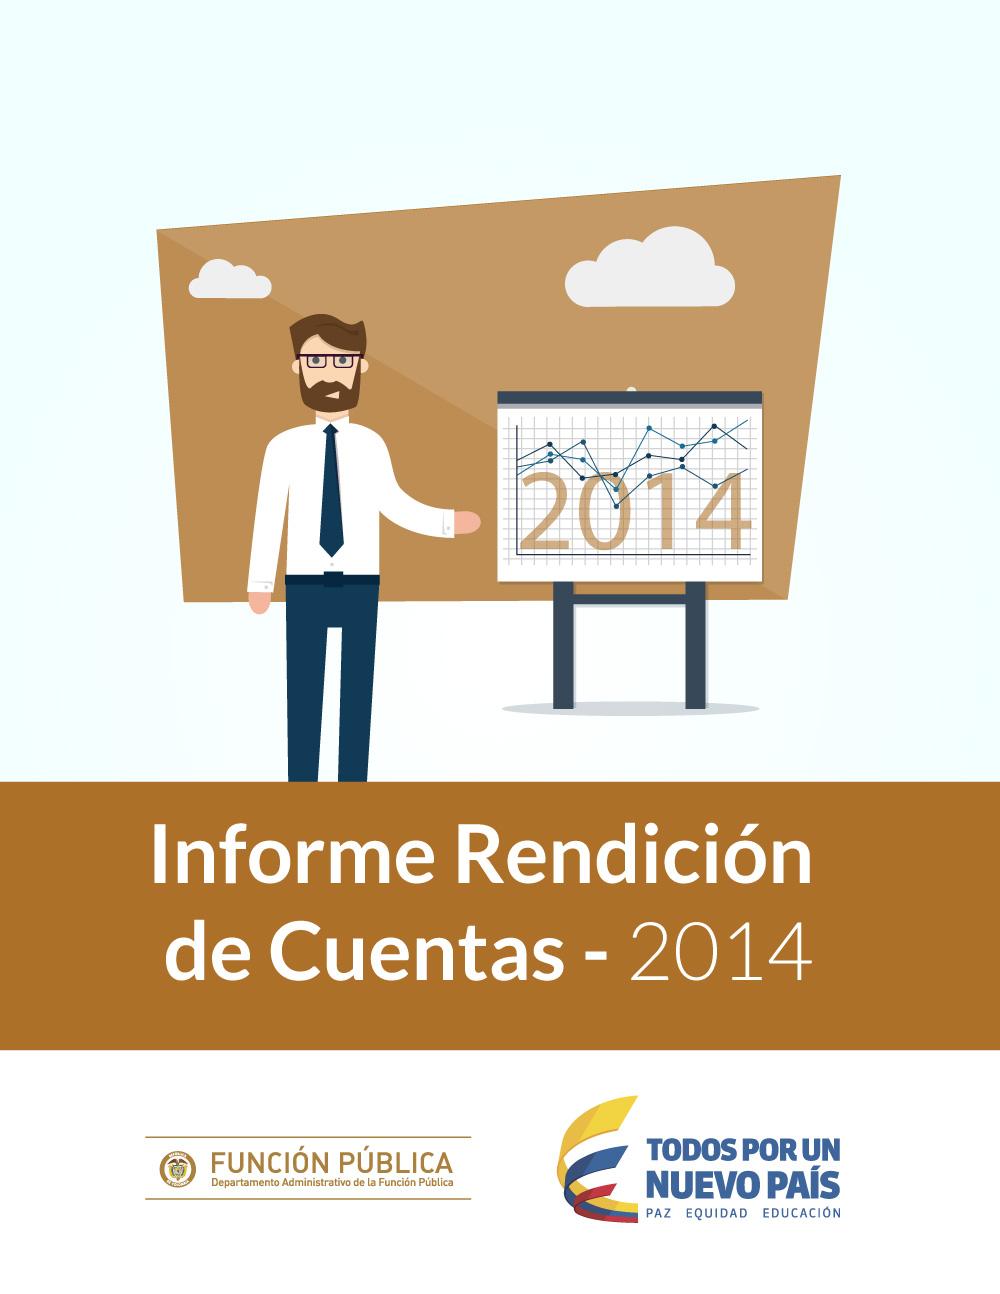 Informe de Gestión Institucional y Rendición de Cuentas  Departamento Administrativo de la Función Pública, Agosto 2014 – Julio 2015